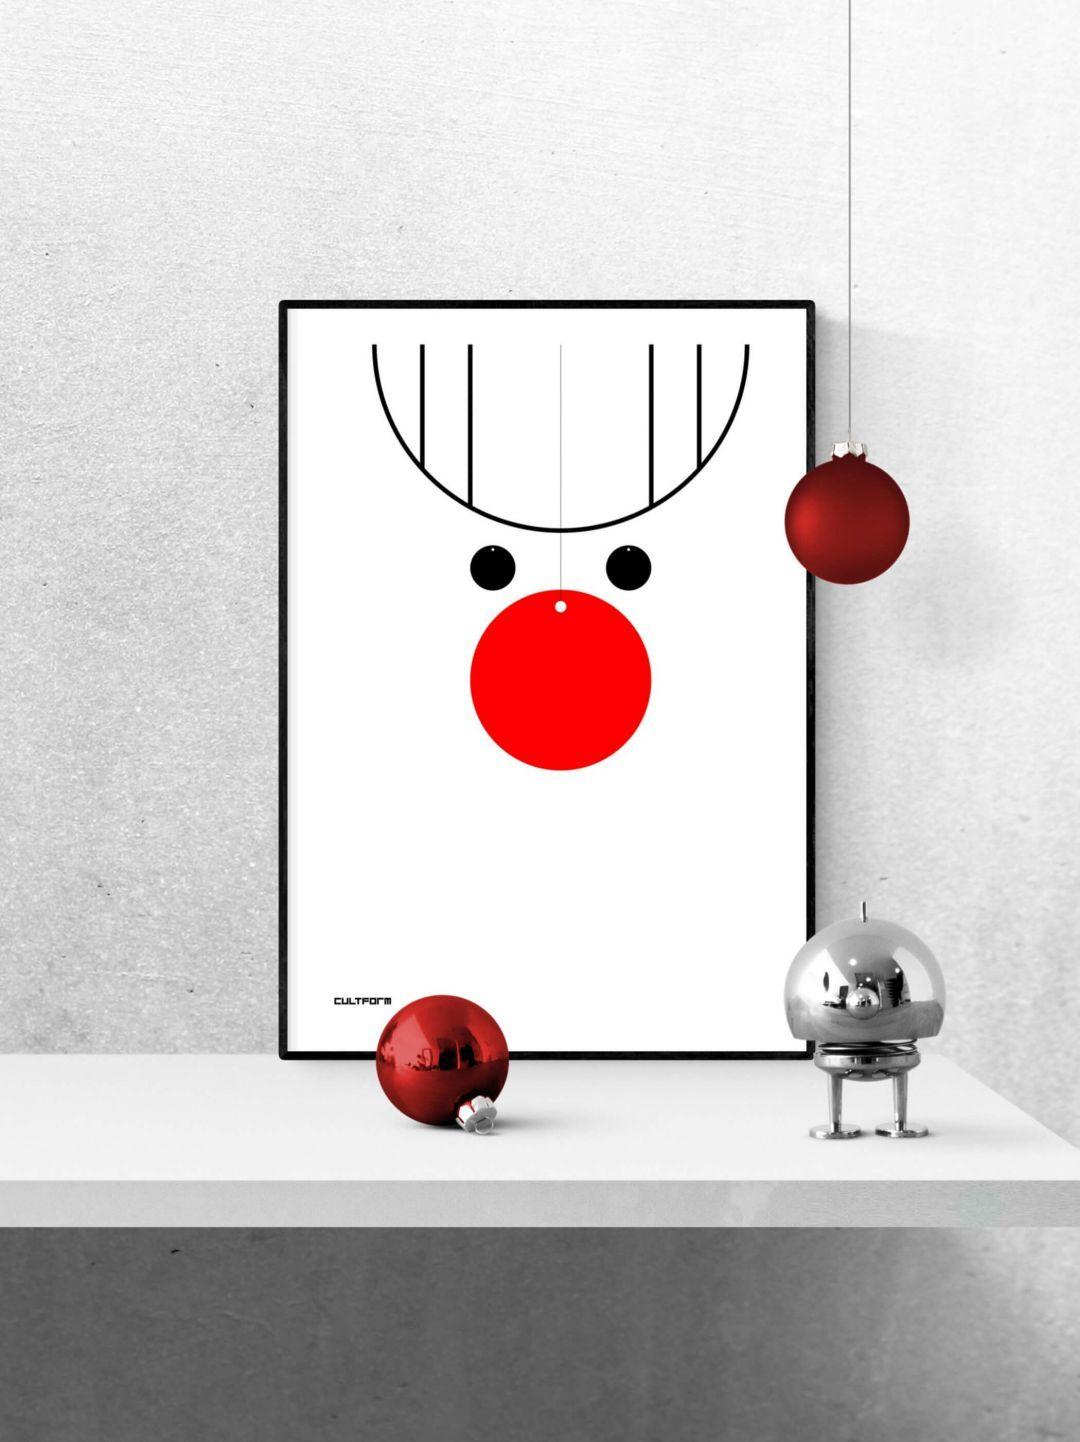 Grafik Kinder Rentier A4 Download zeitlos. in. form. CULTFORM #projectstotry